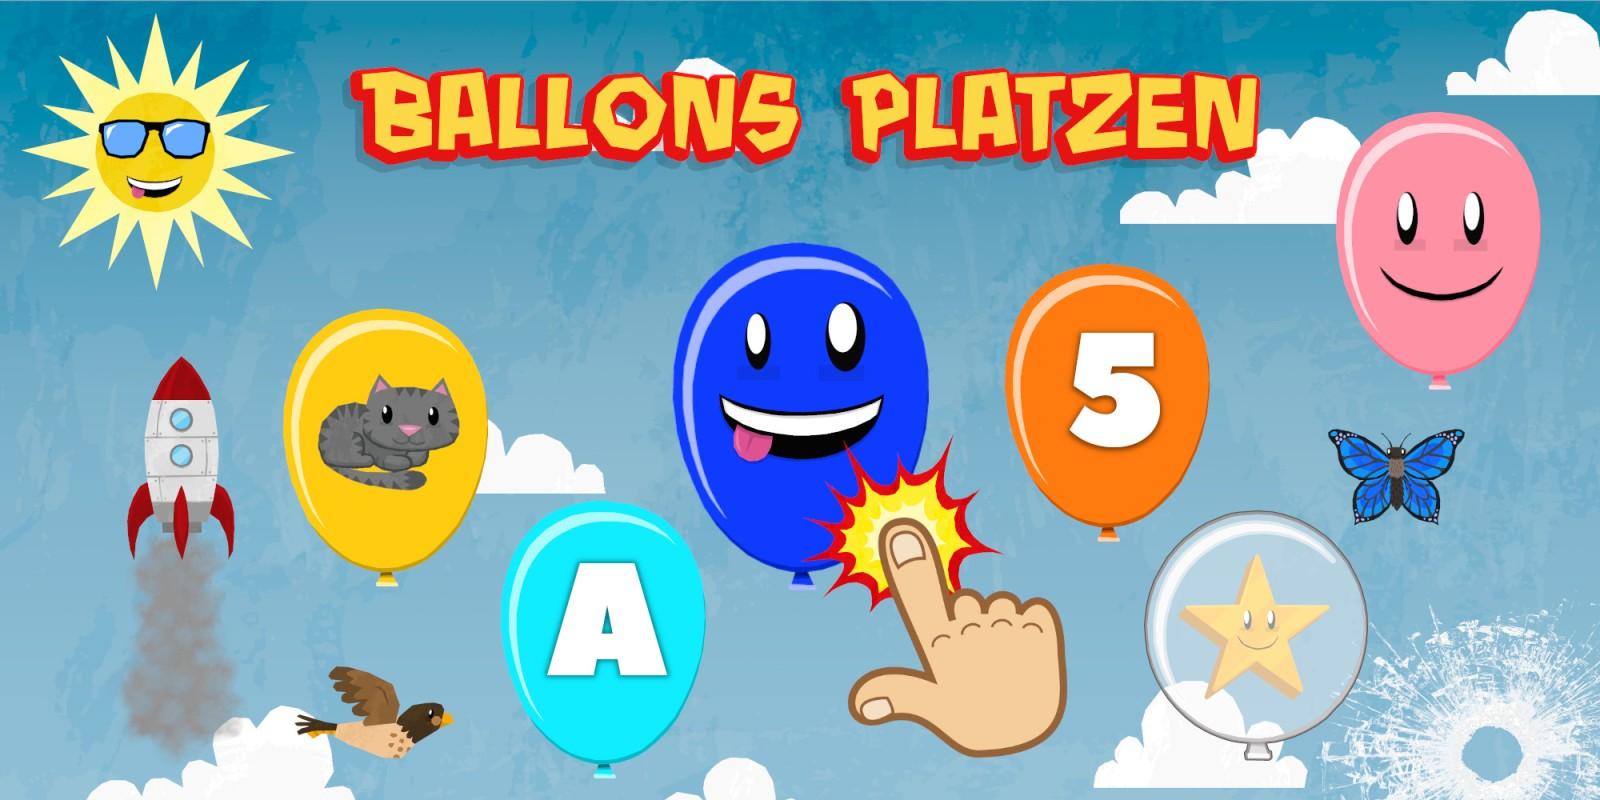 Ballons Platzen für Kinder & Kleinkinder - Zahlen, Buchstaben, Farben & Tiere lernen